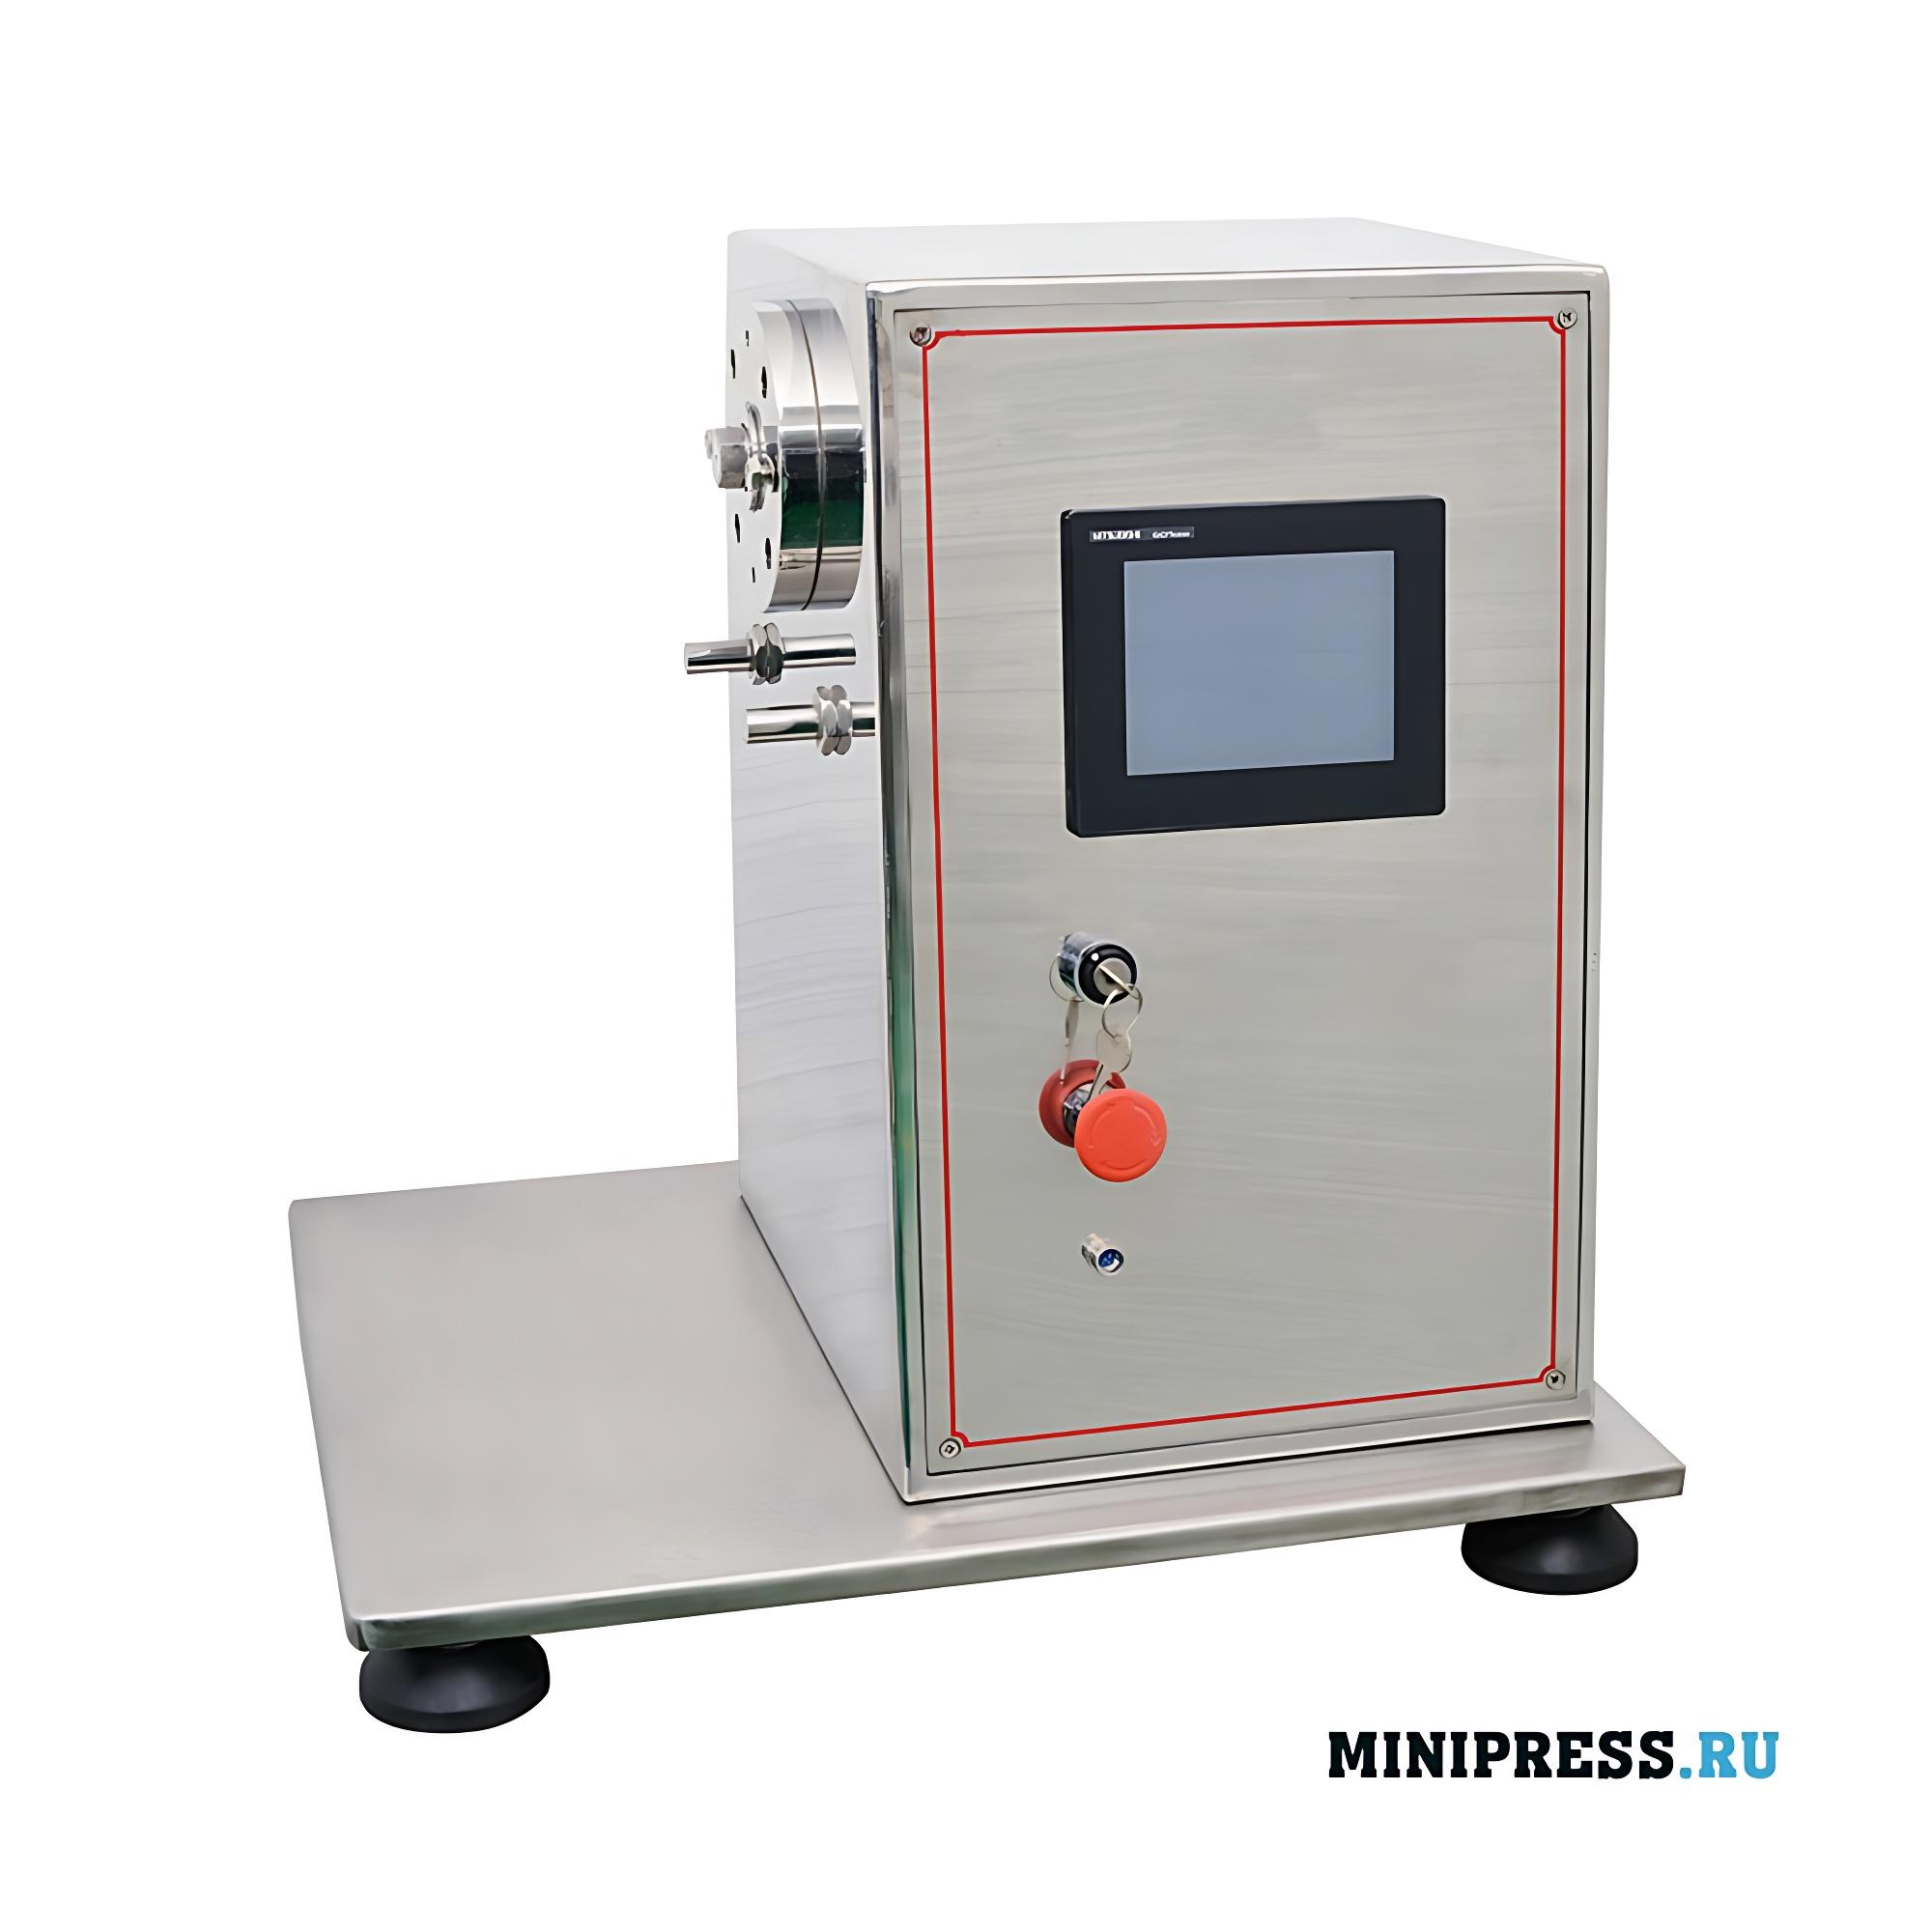 Мультифункциональное экспериментальное фармацевтическое оборудование